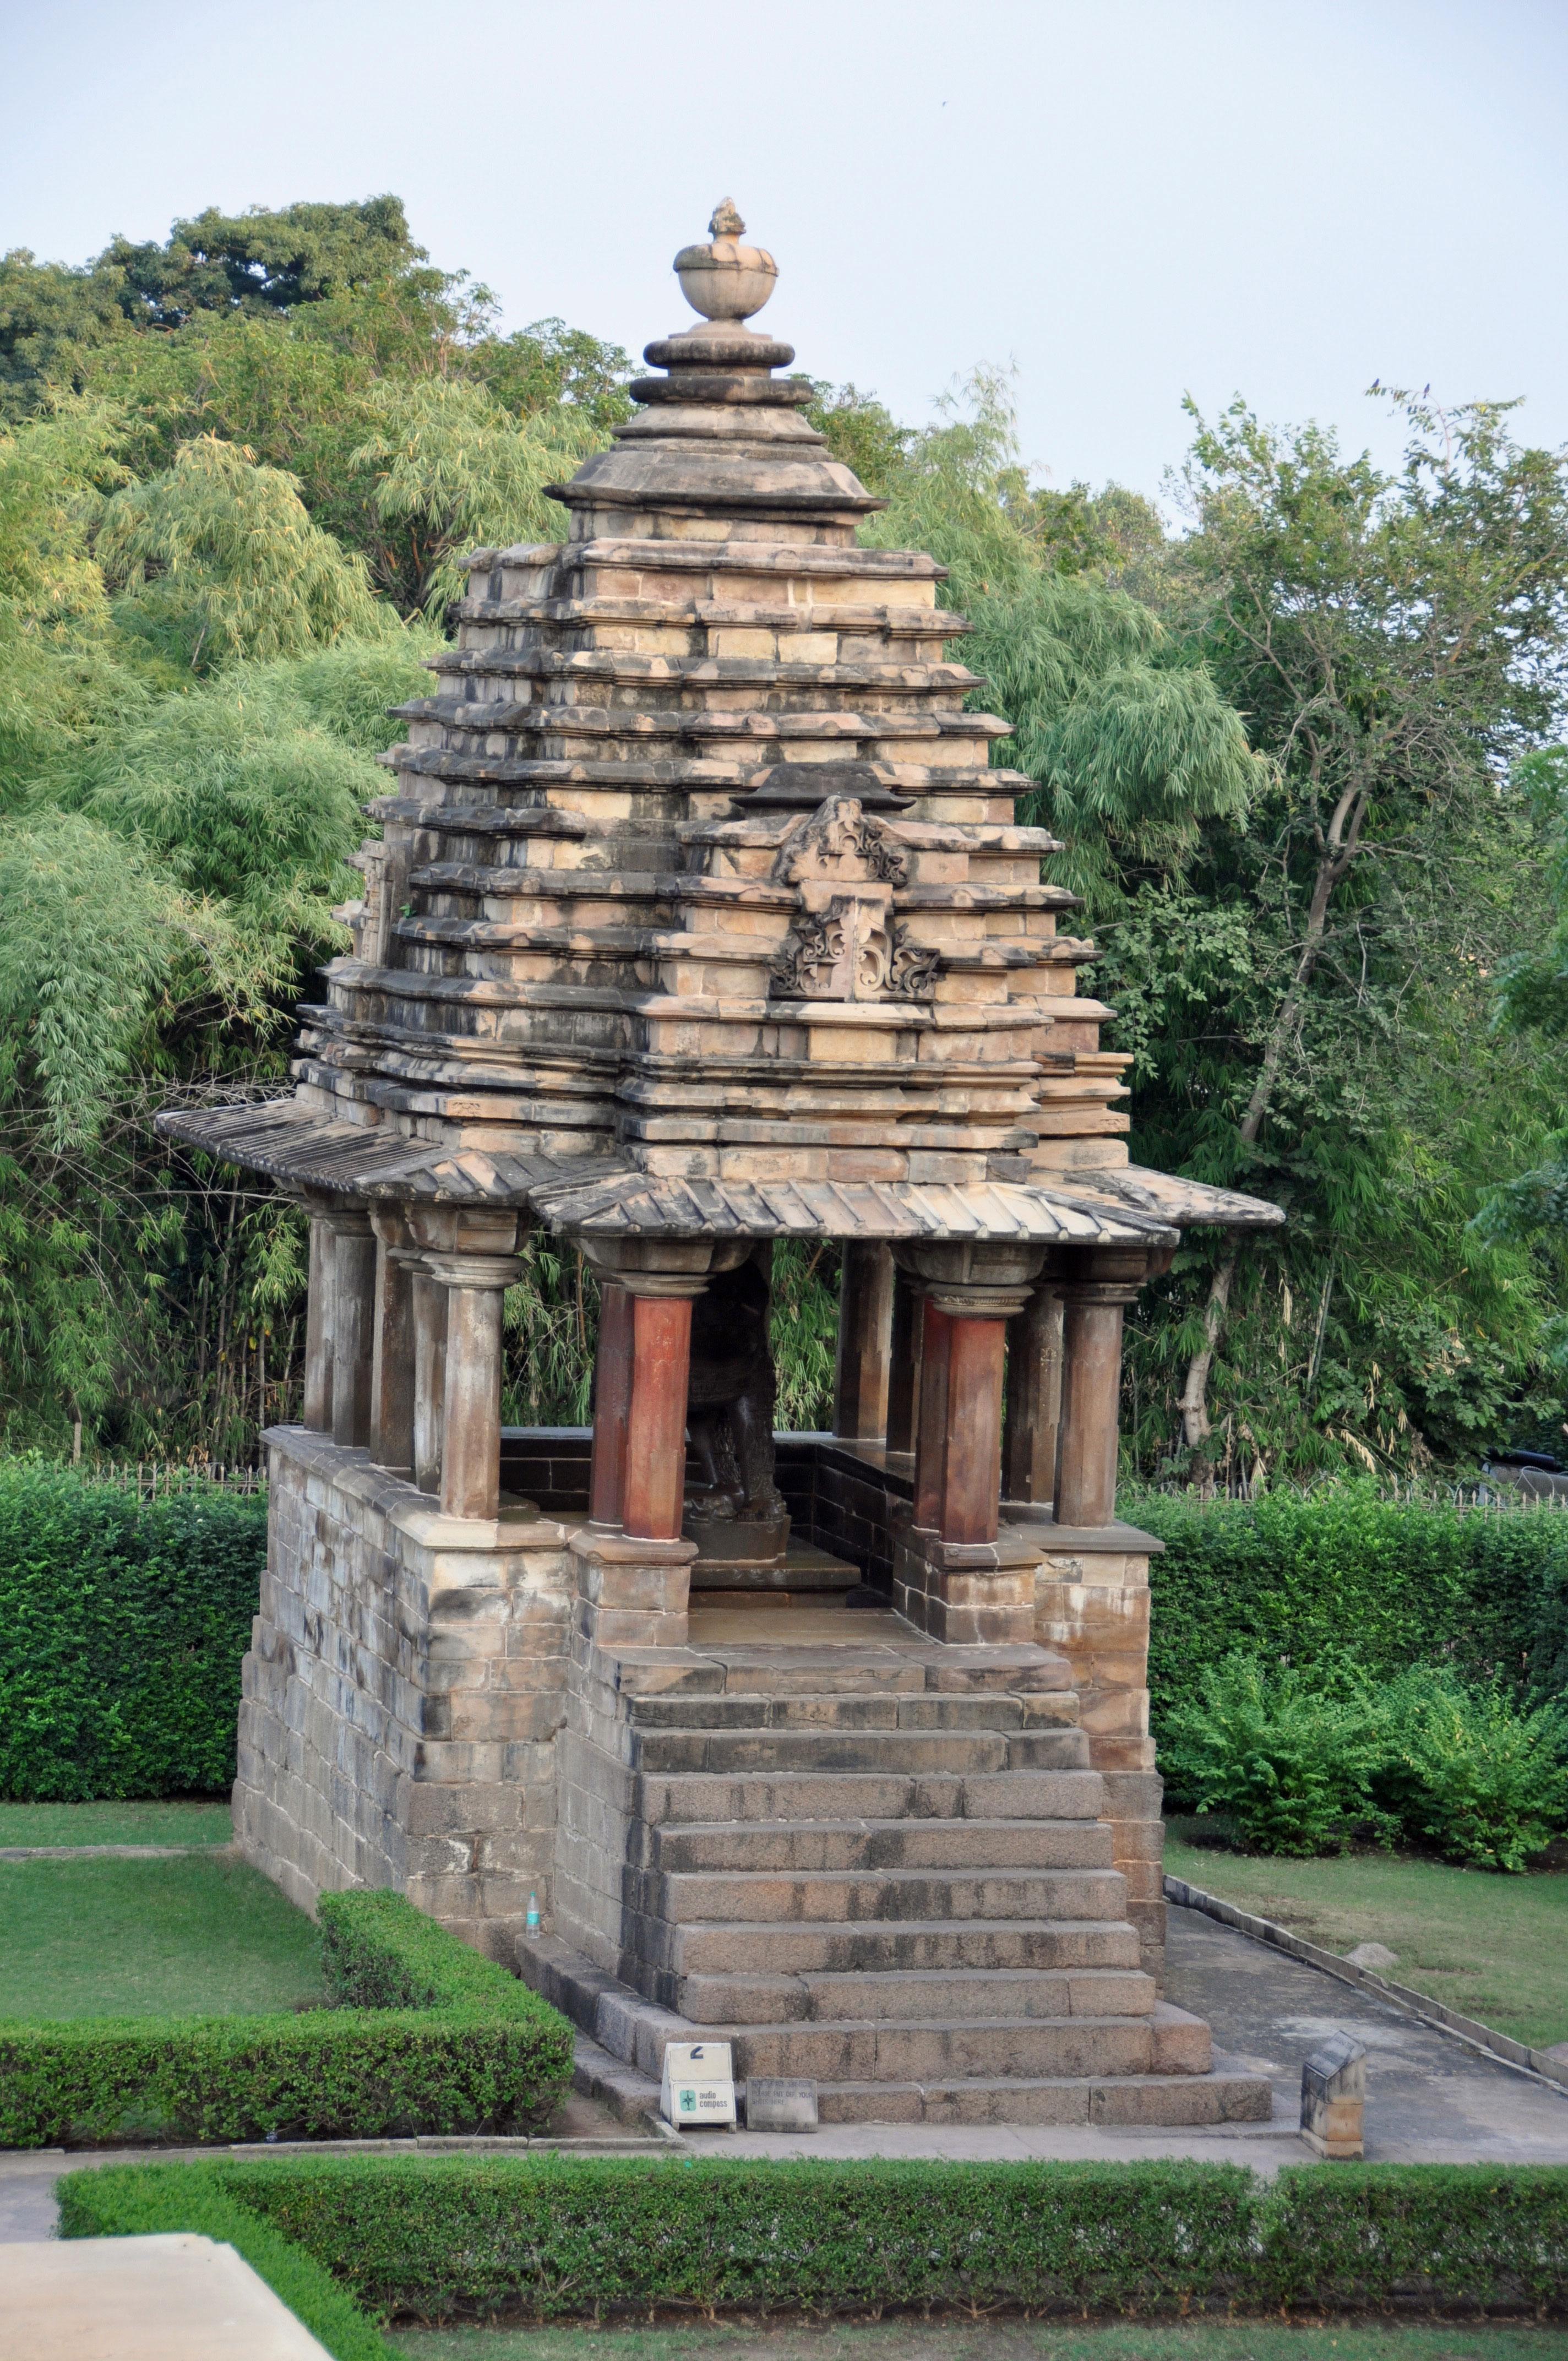 Varaha (Shiva) temple, Khajuraho